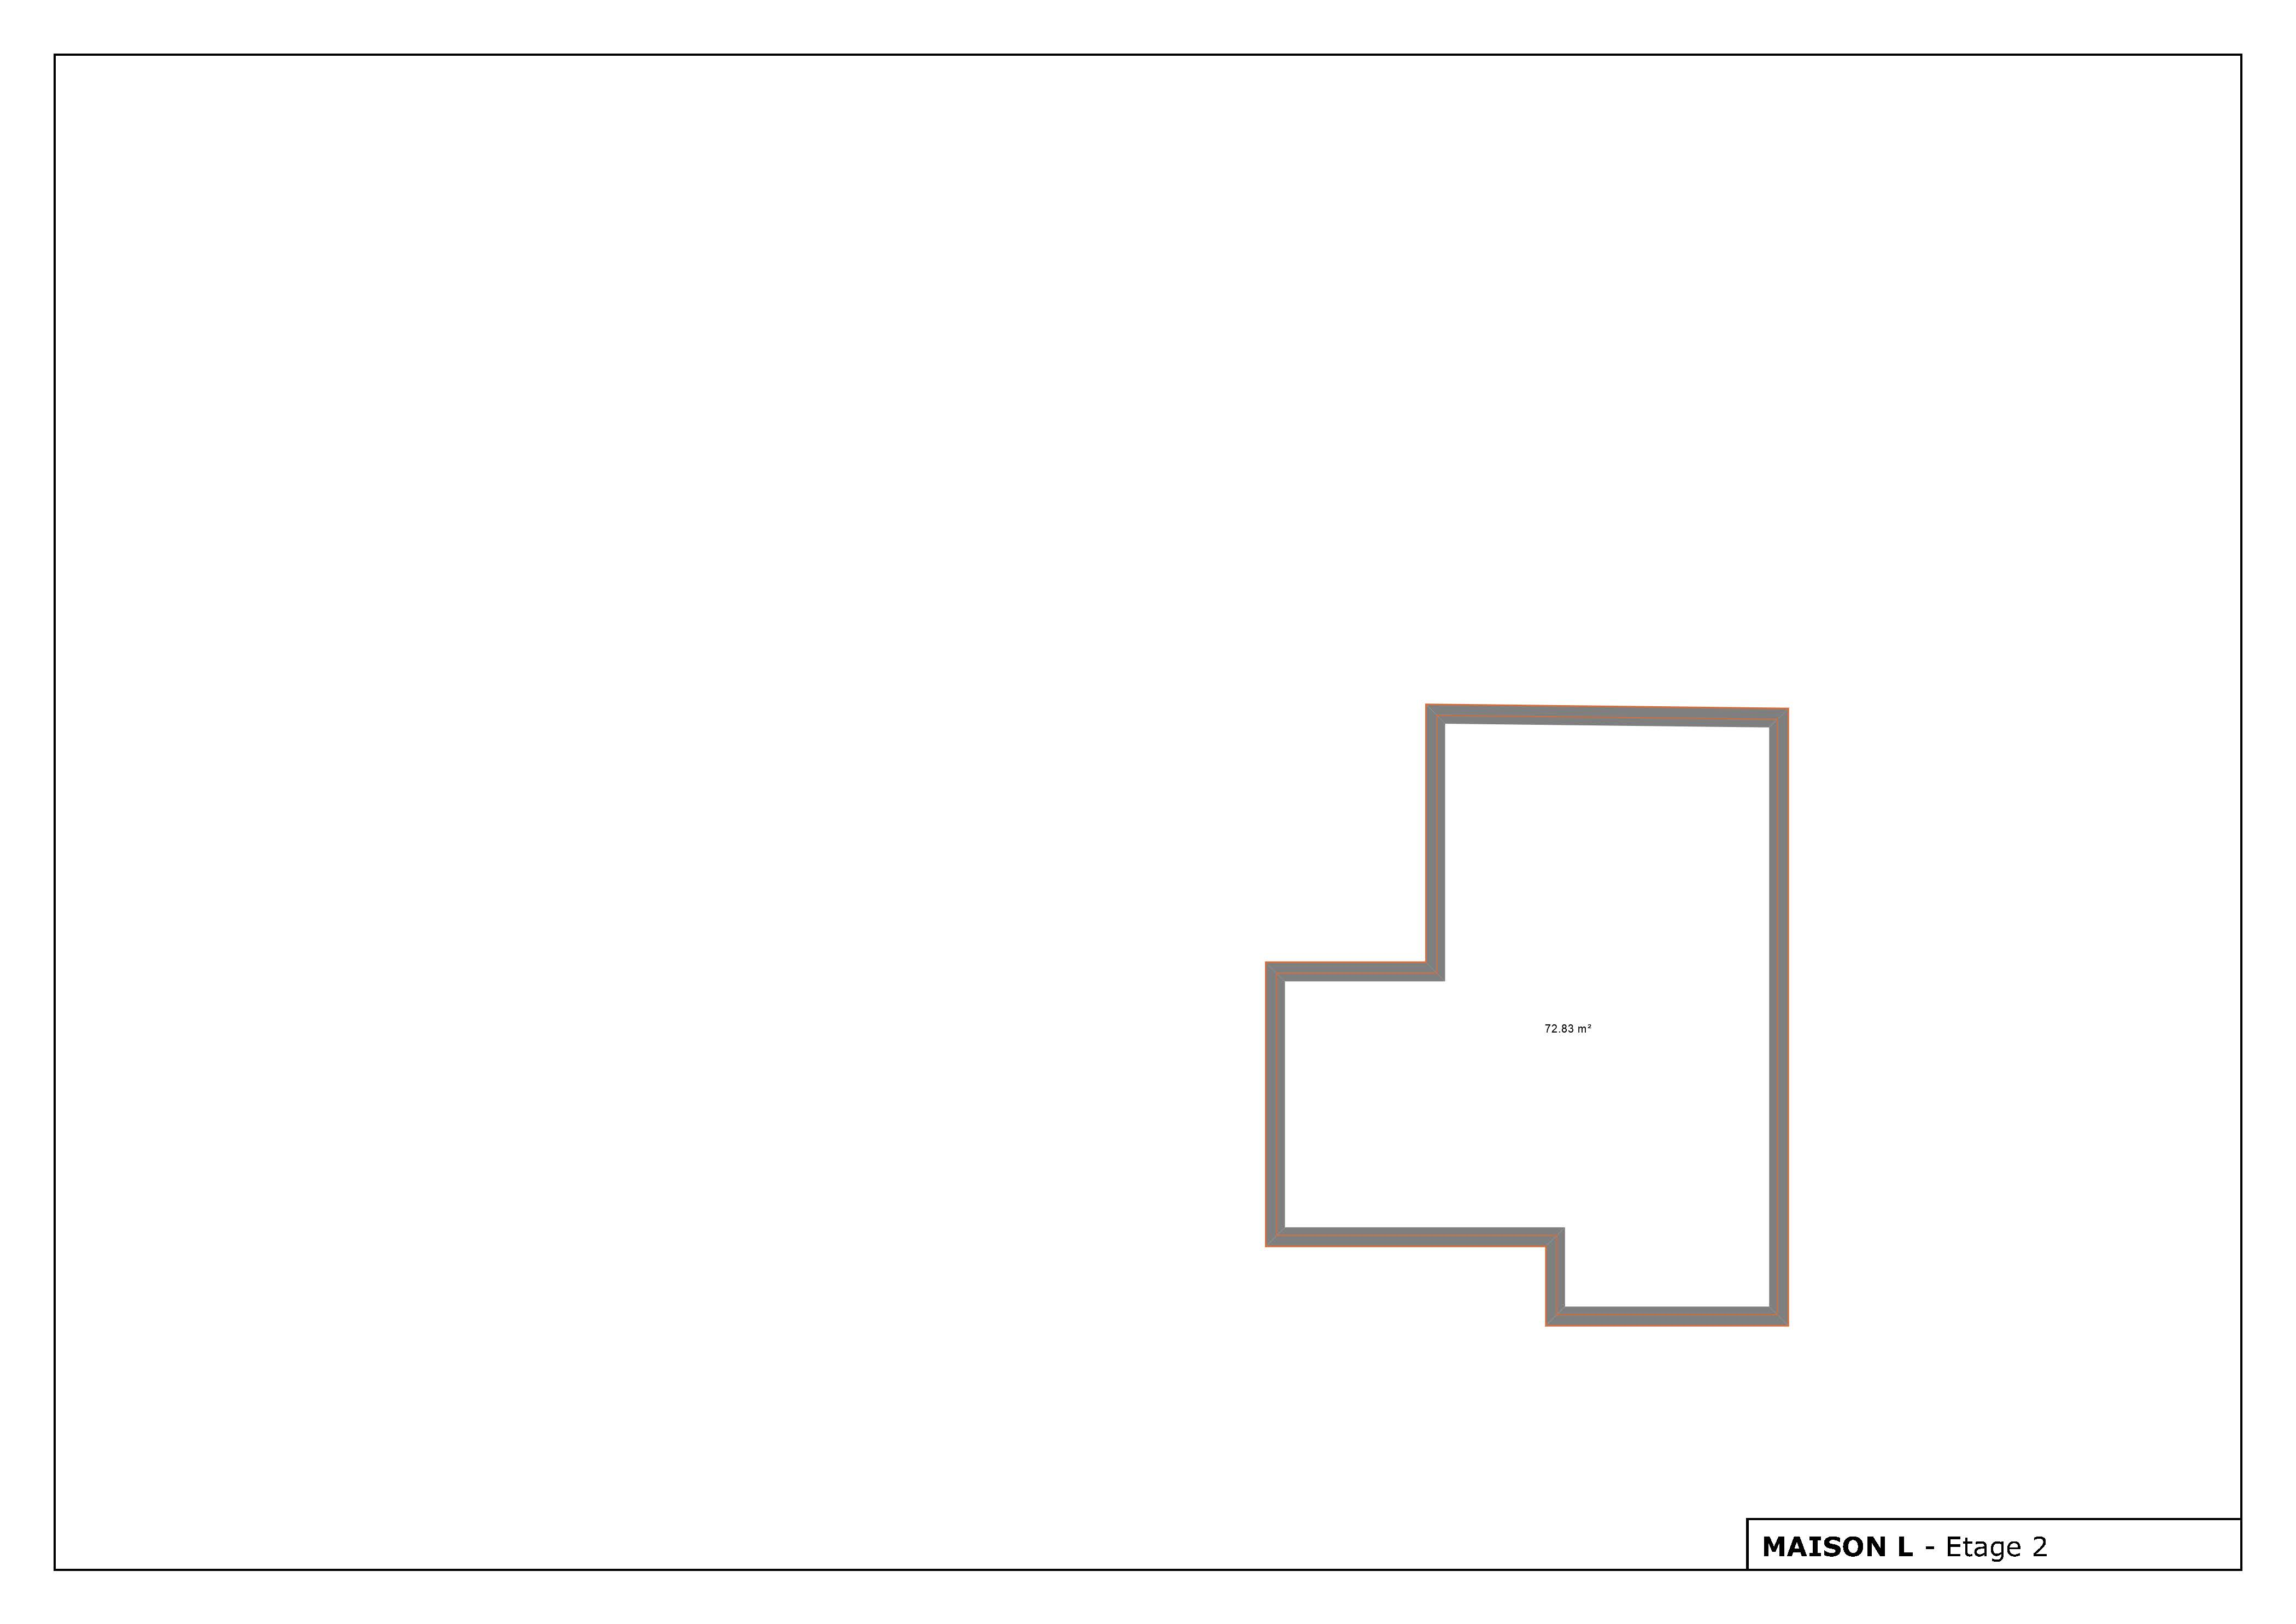 Plan maison avec 2 étages